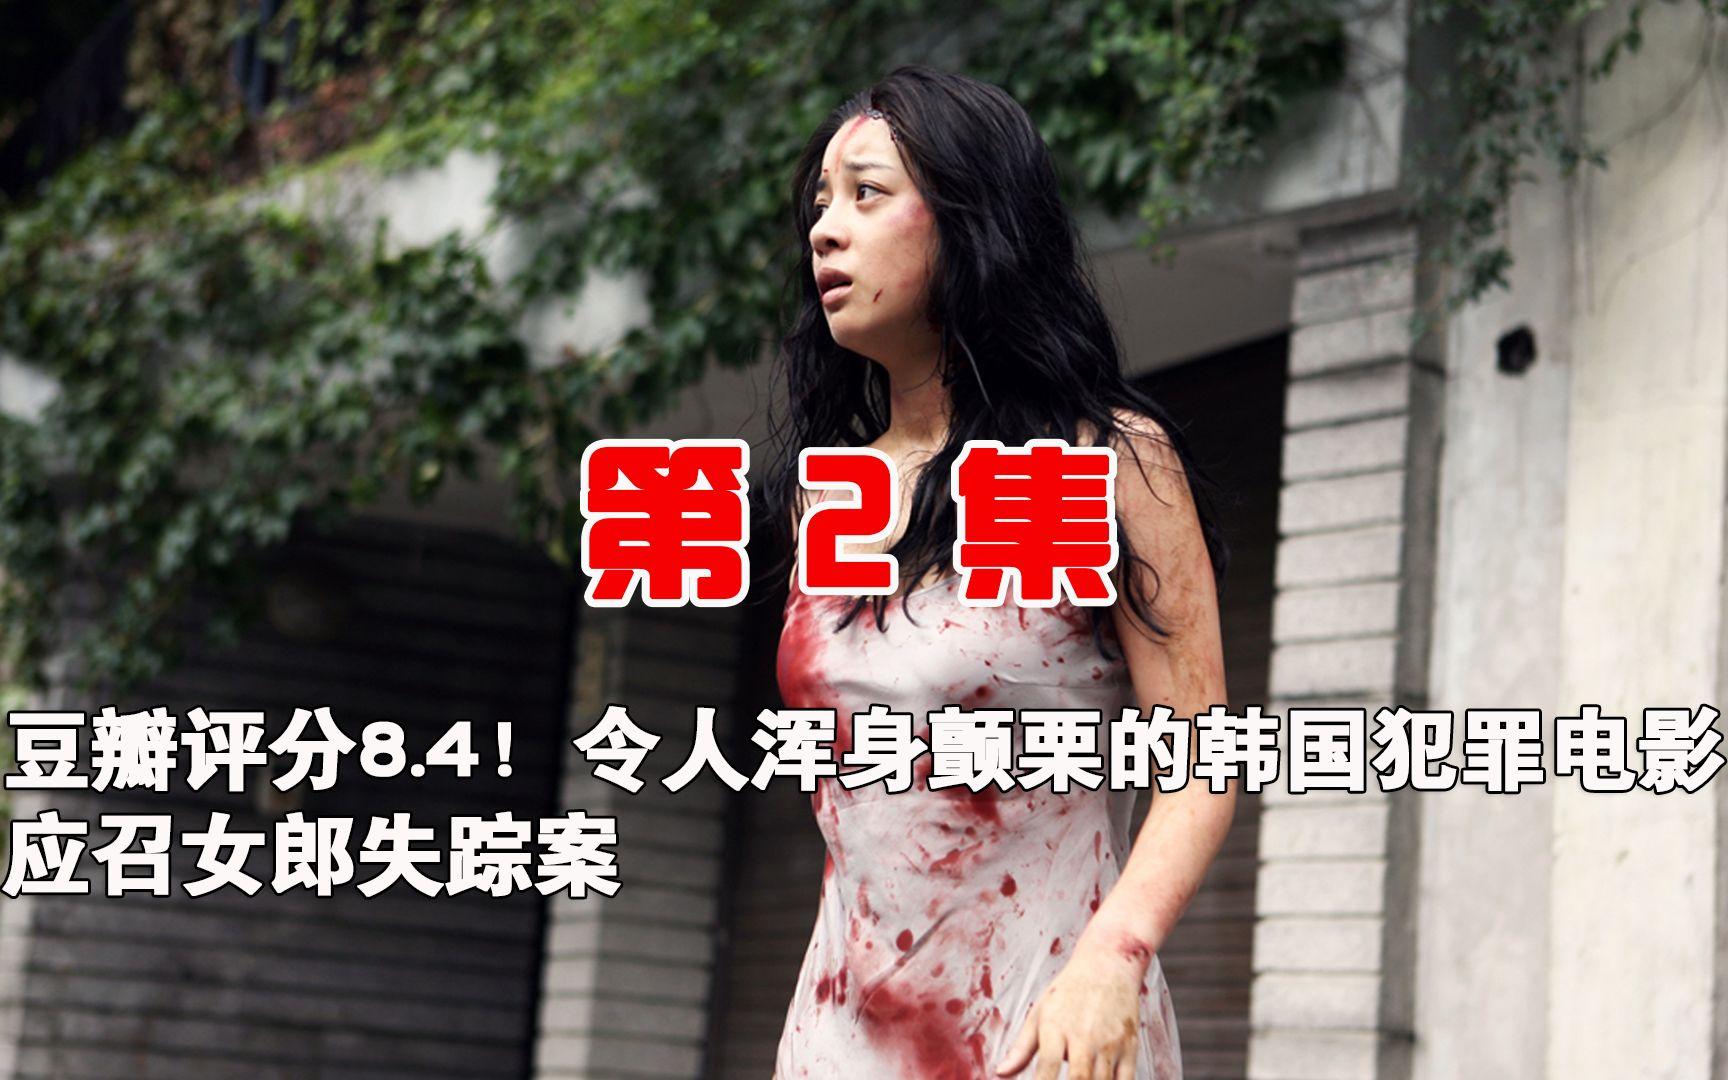 豆瓣评分8.4!令人浑身战栗的韩国犯罪电影,夜女郎失踪案(中)